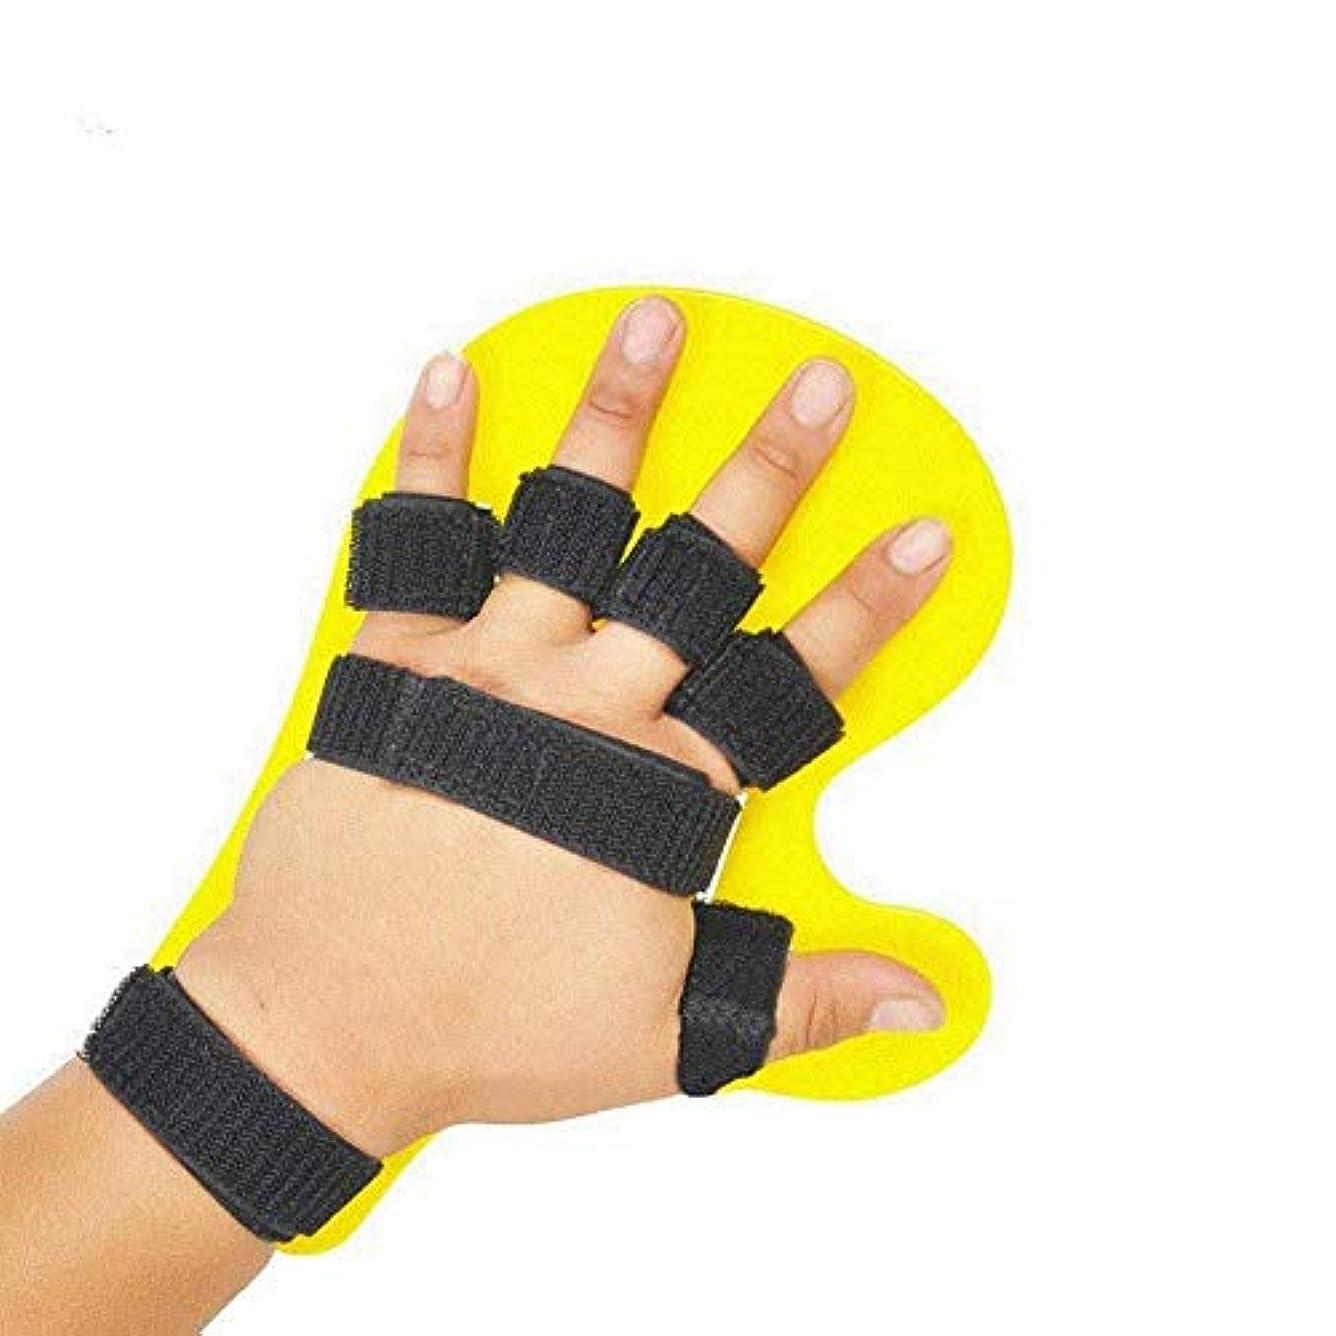 記念碑思慮深い別の片麻痺の患者を支援するためのトリガー指スプリント、指板ハンドトレーニングABS調整可能な指リハビリ,2PCS